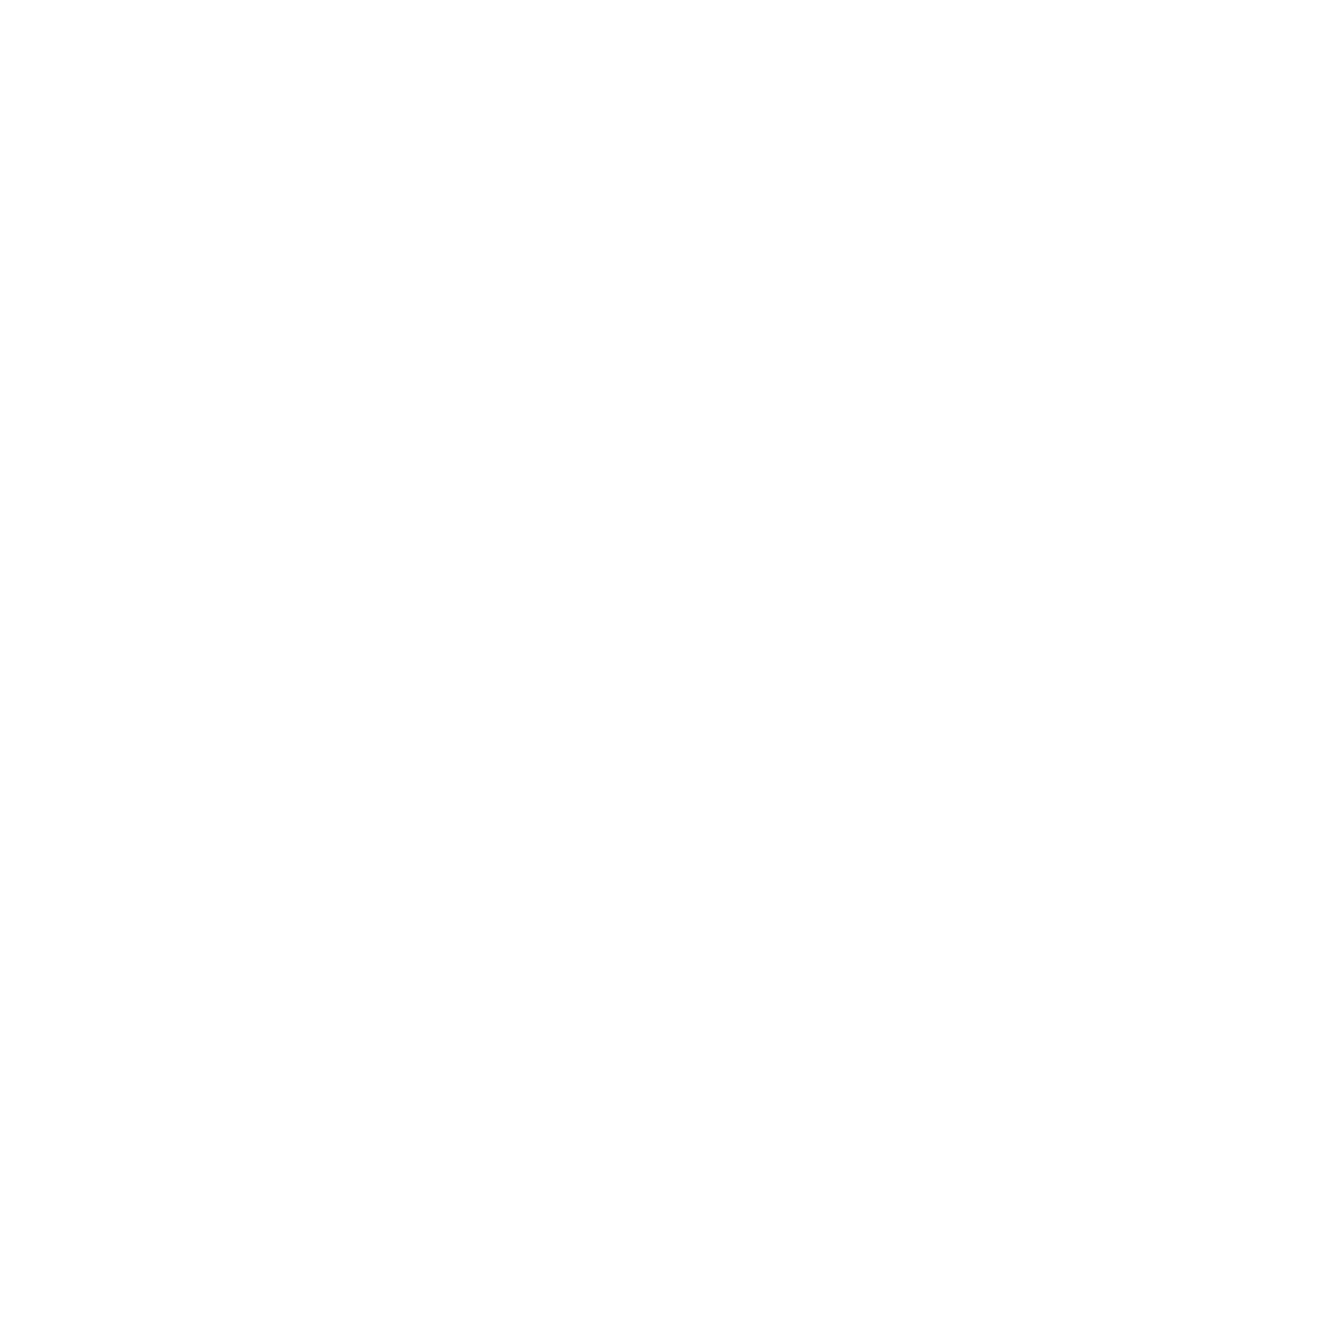 Zamuner